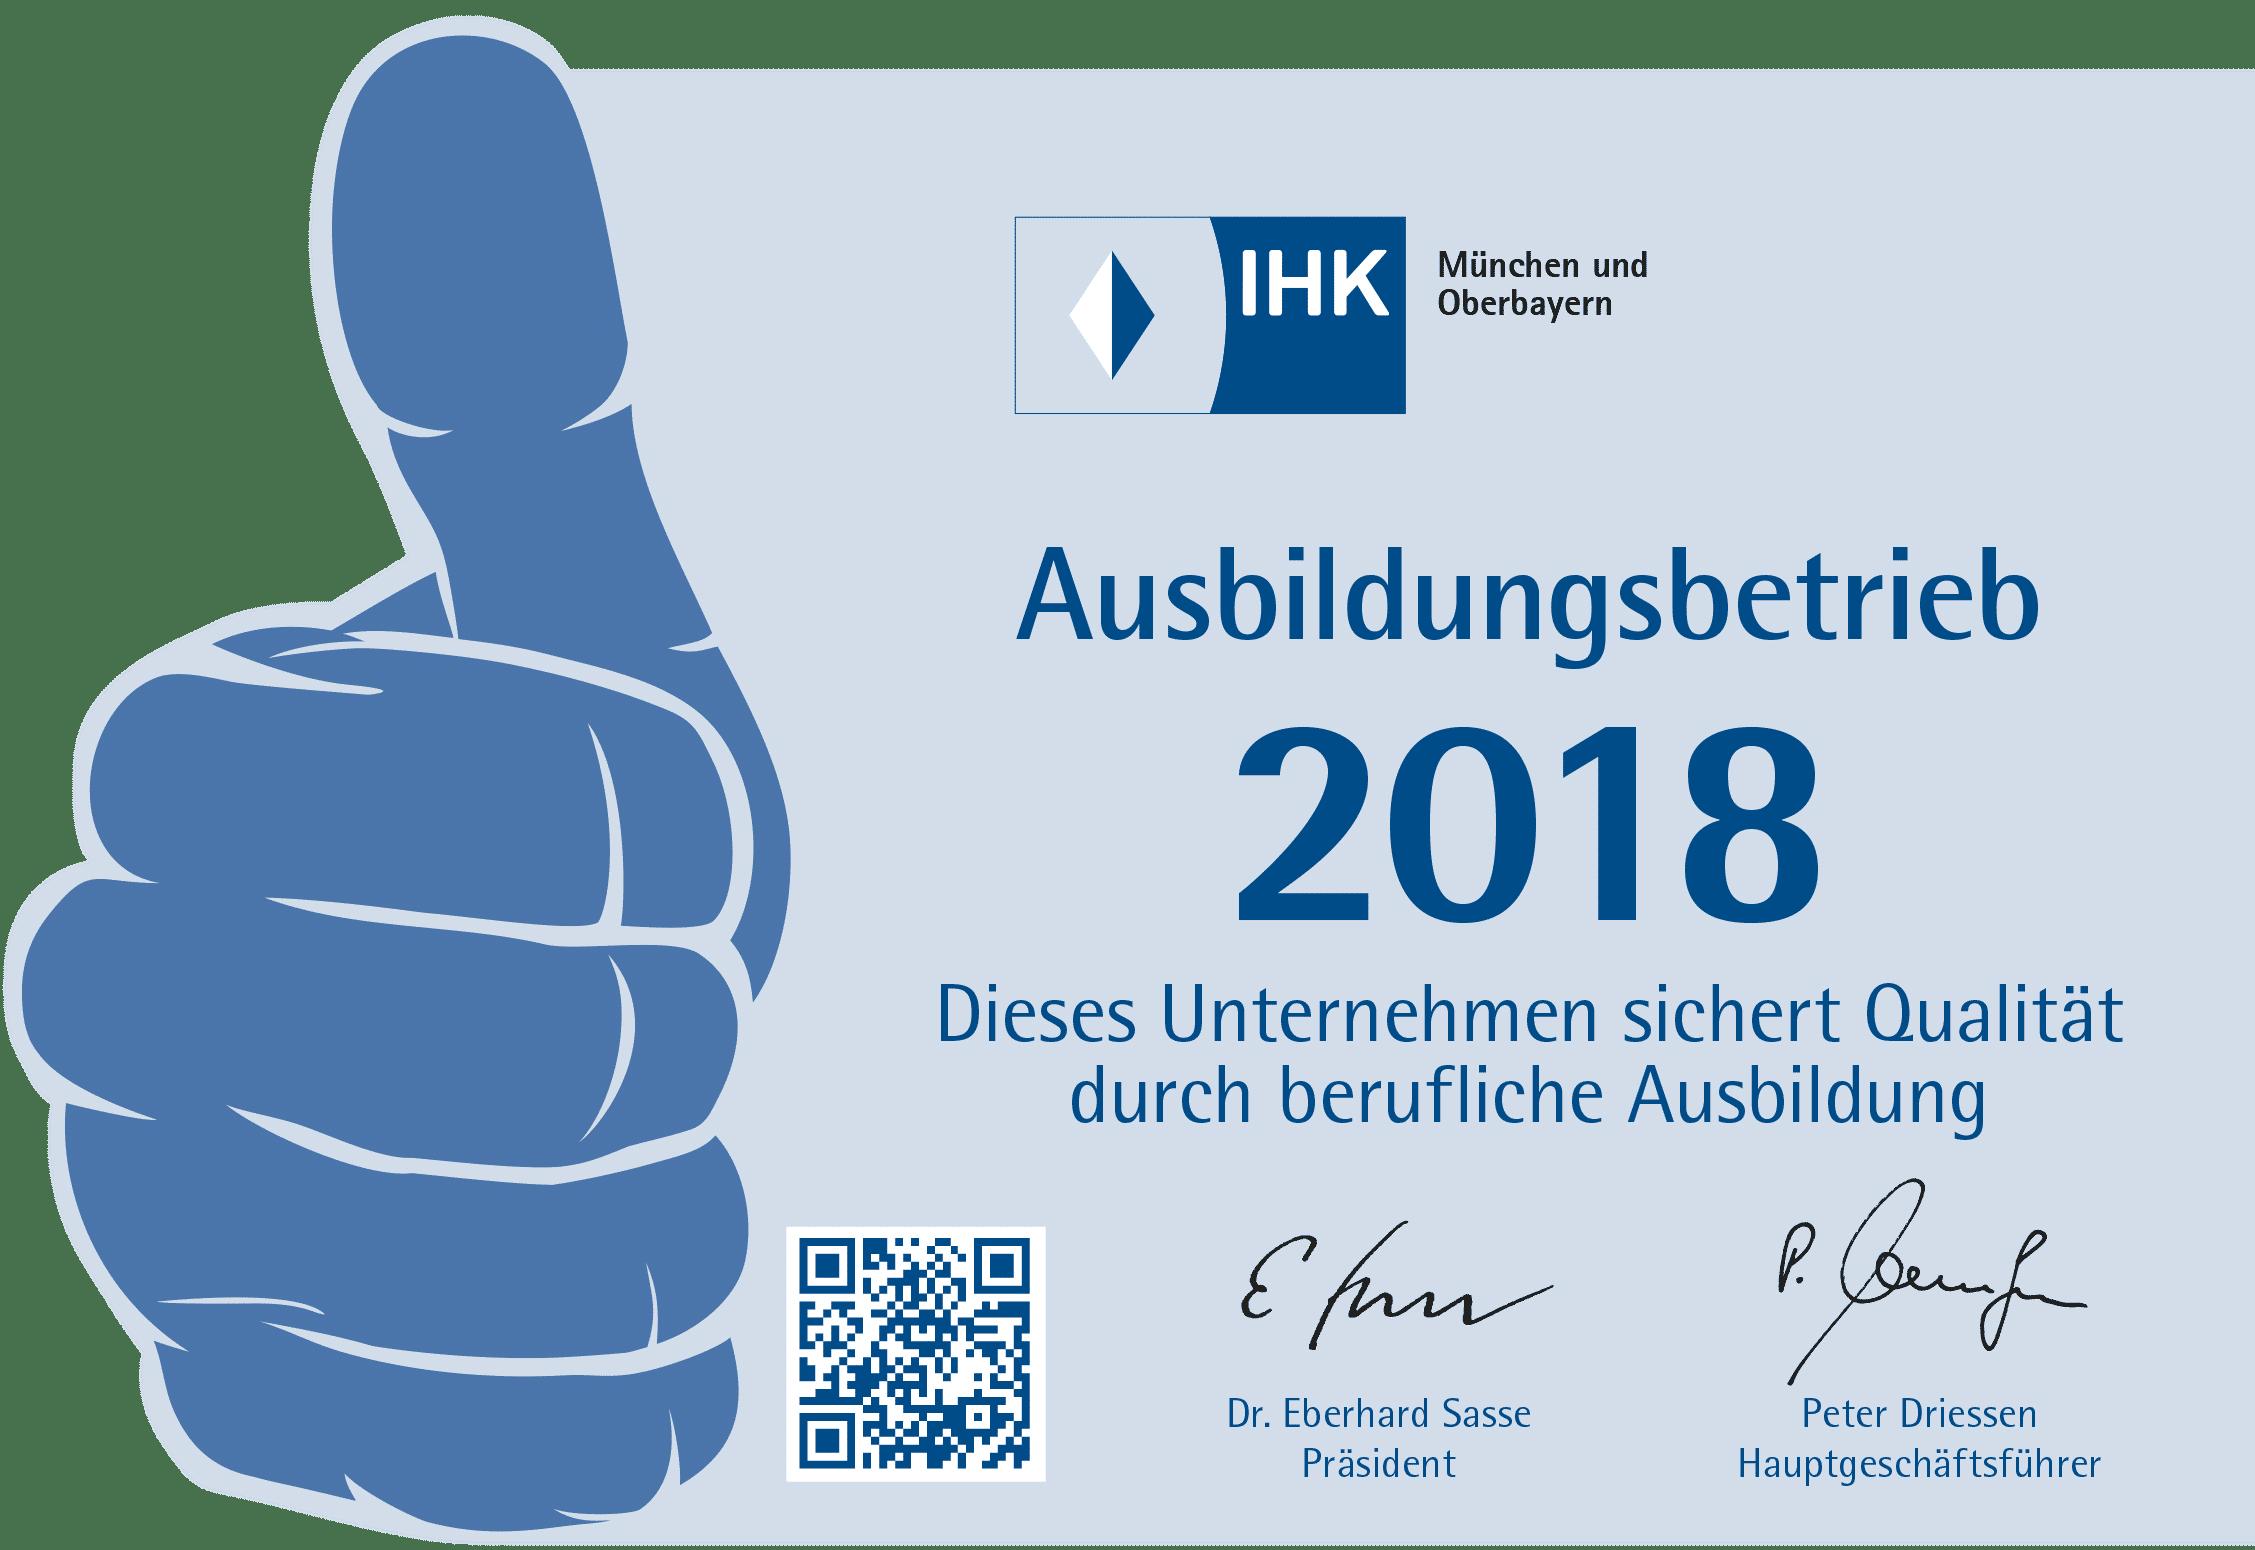 Ausbildungsbetrieb 2018